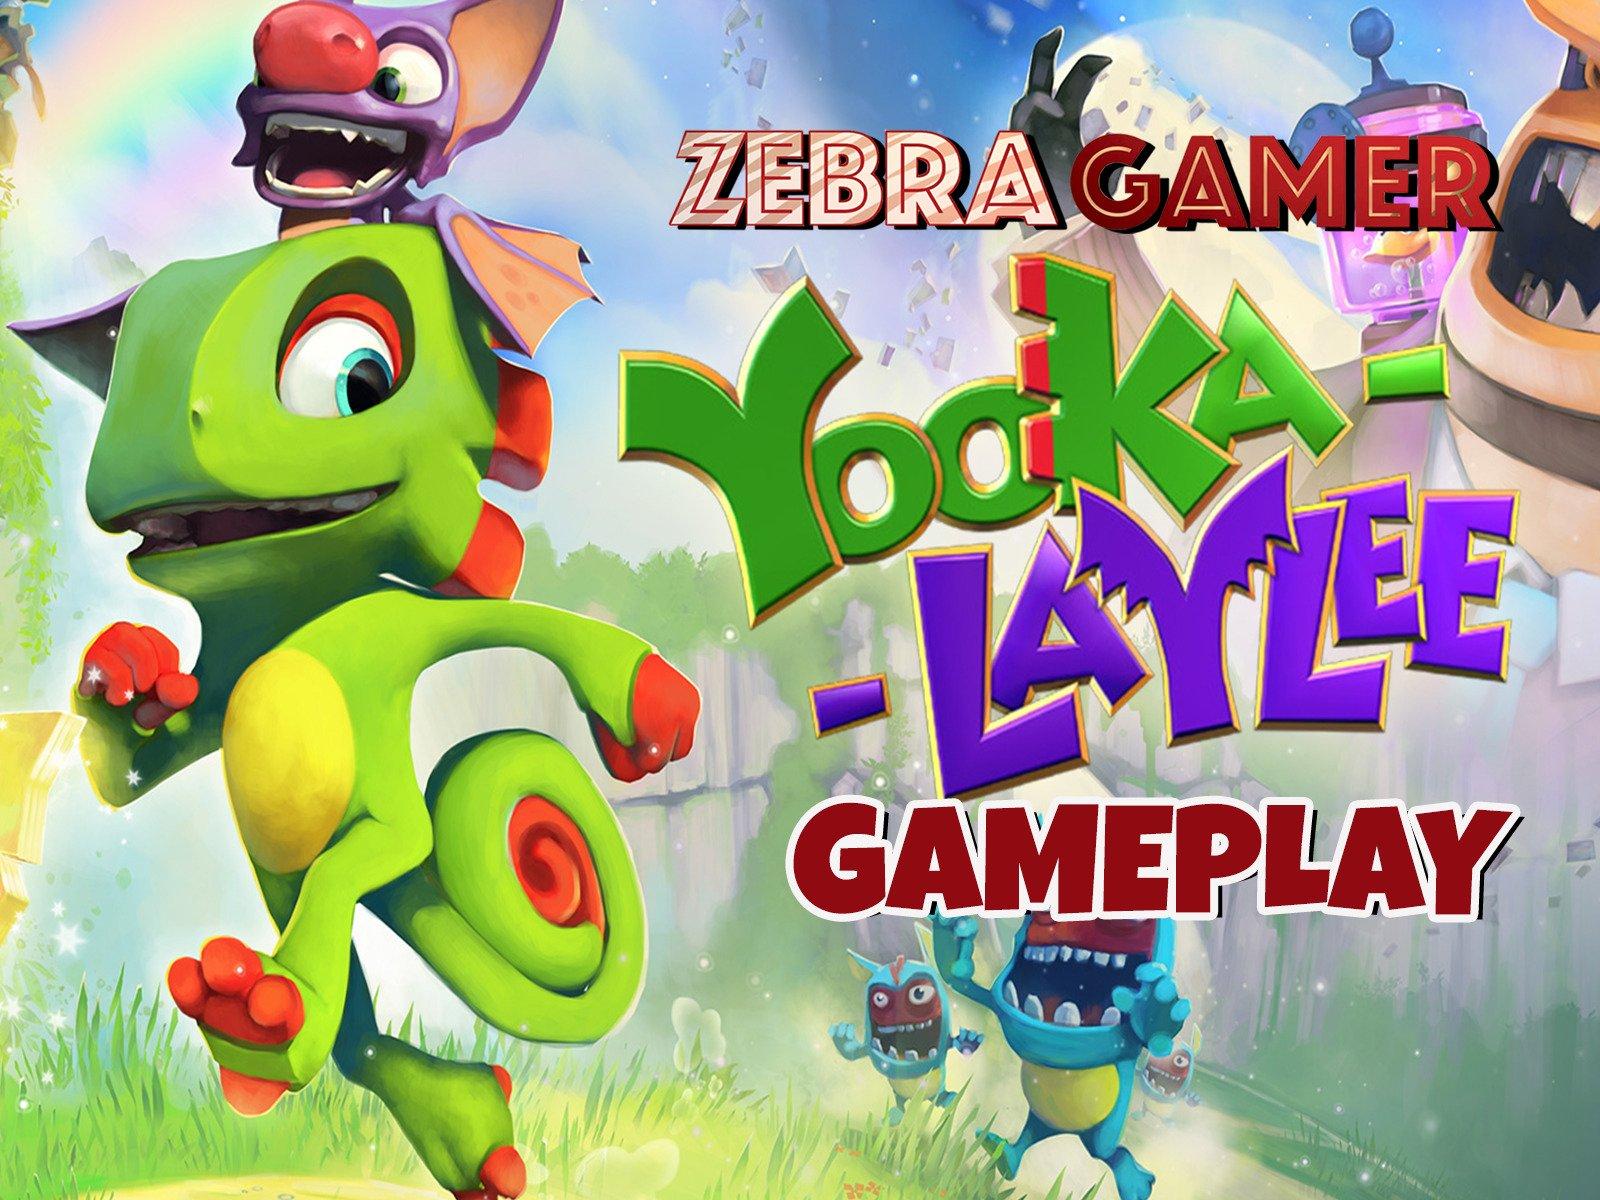 Yooka Laylee Gameplay - Season 1